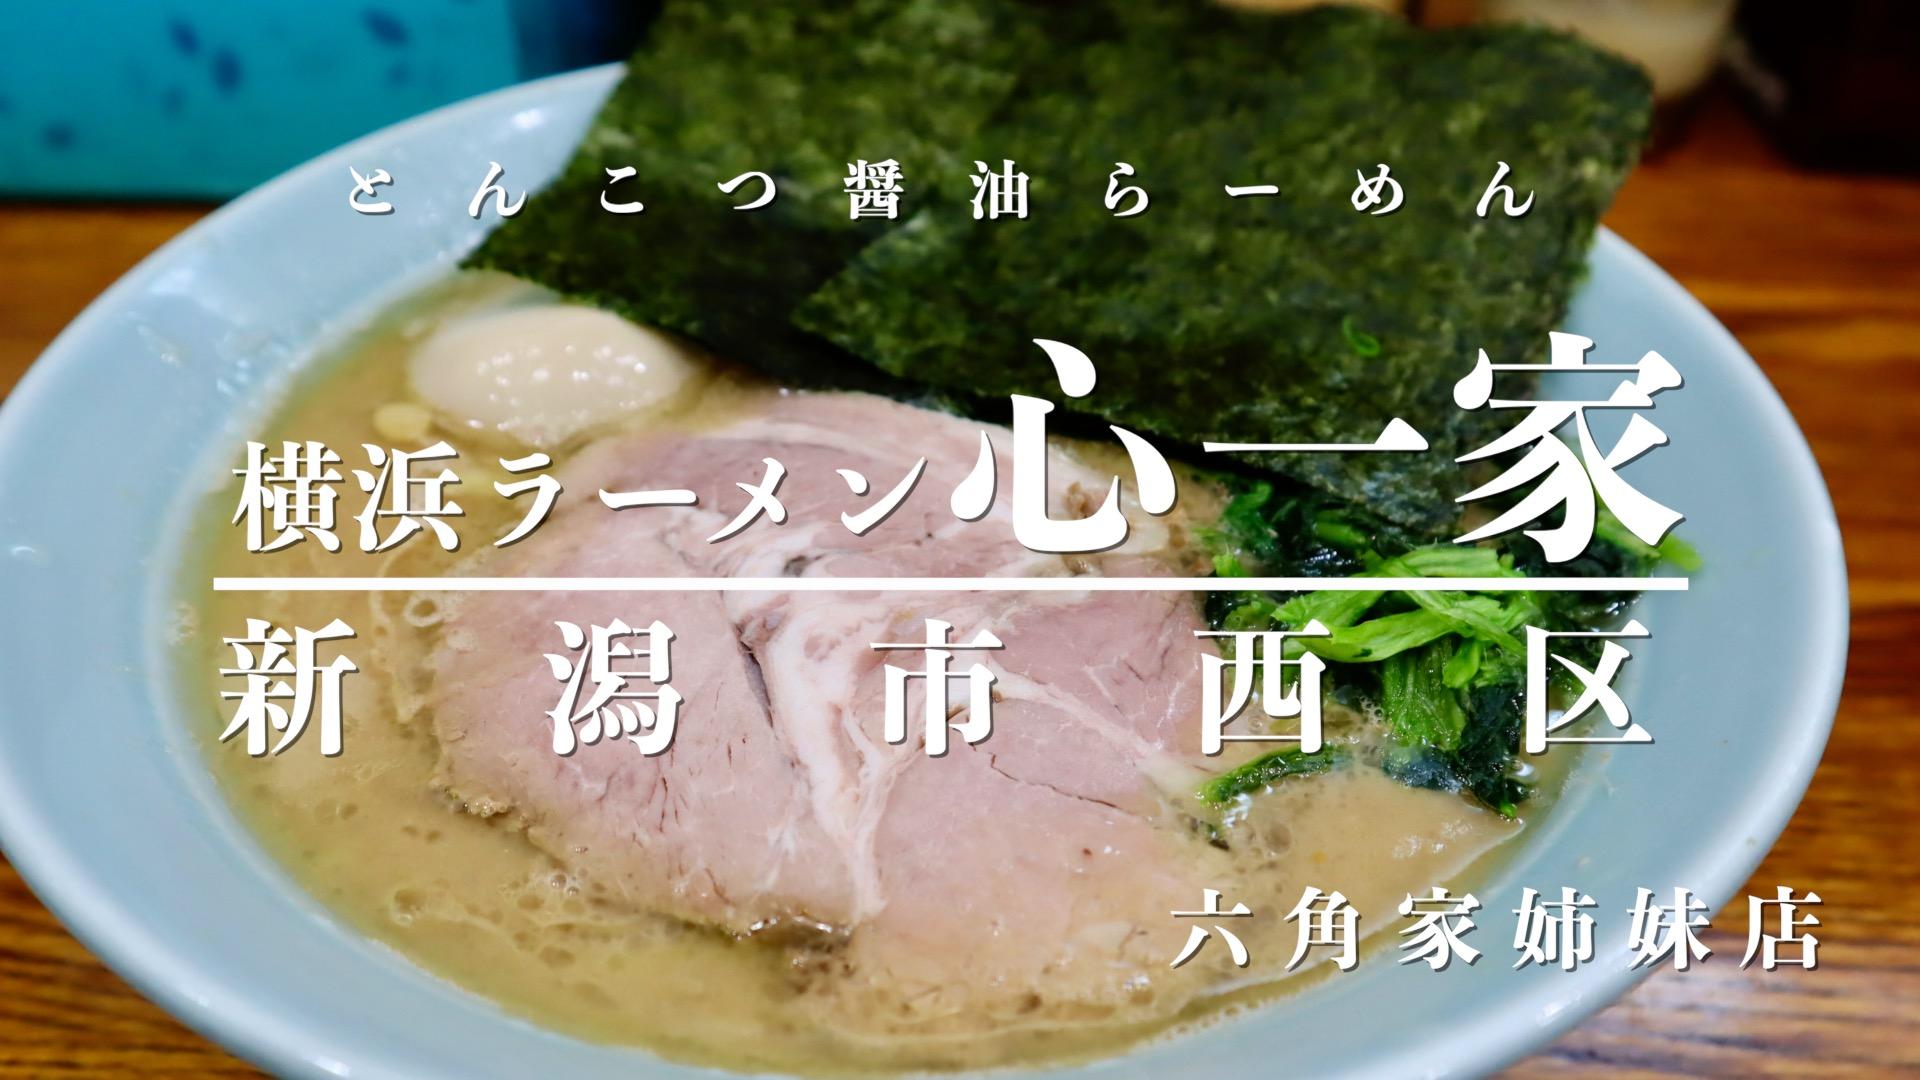 横浜ラーメン 心一家のアイキャッチ画像